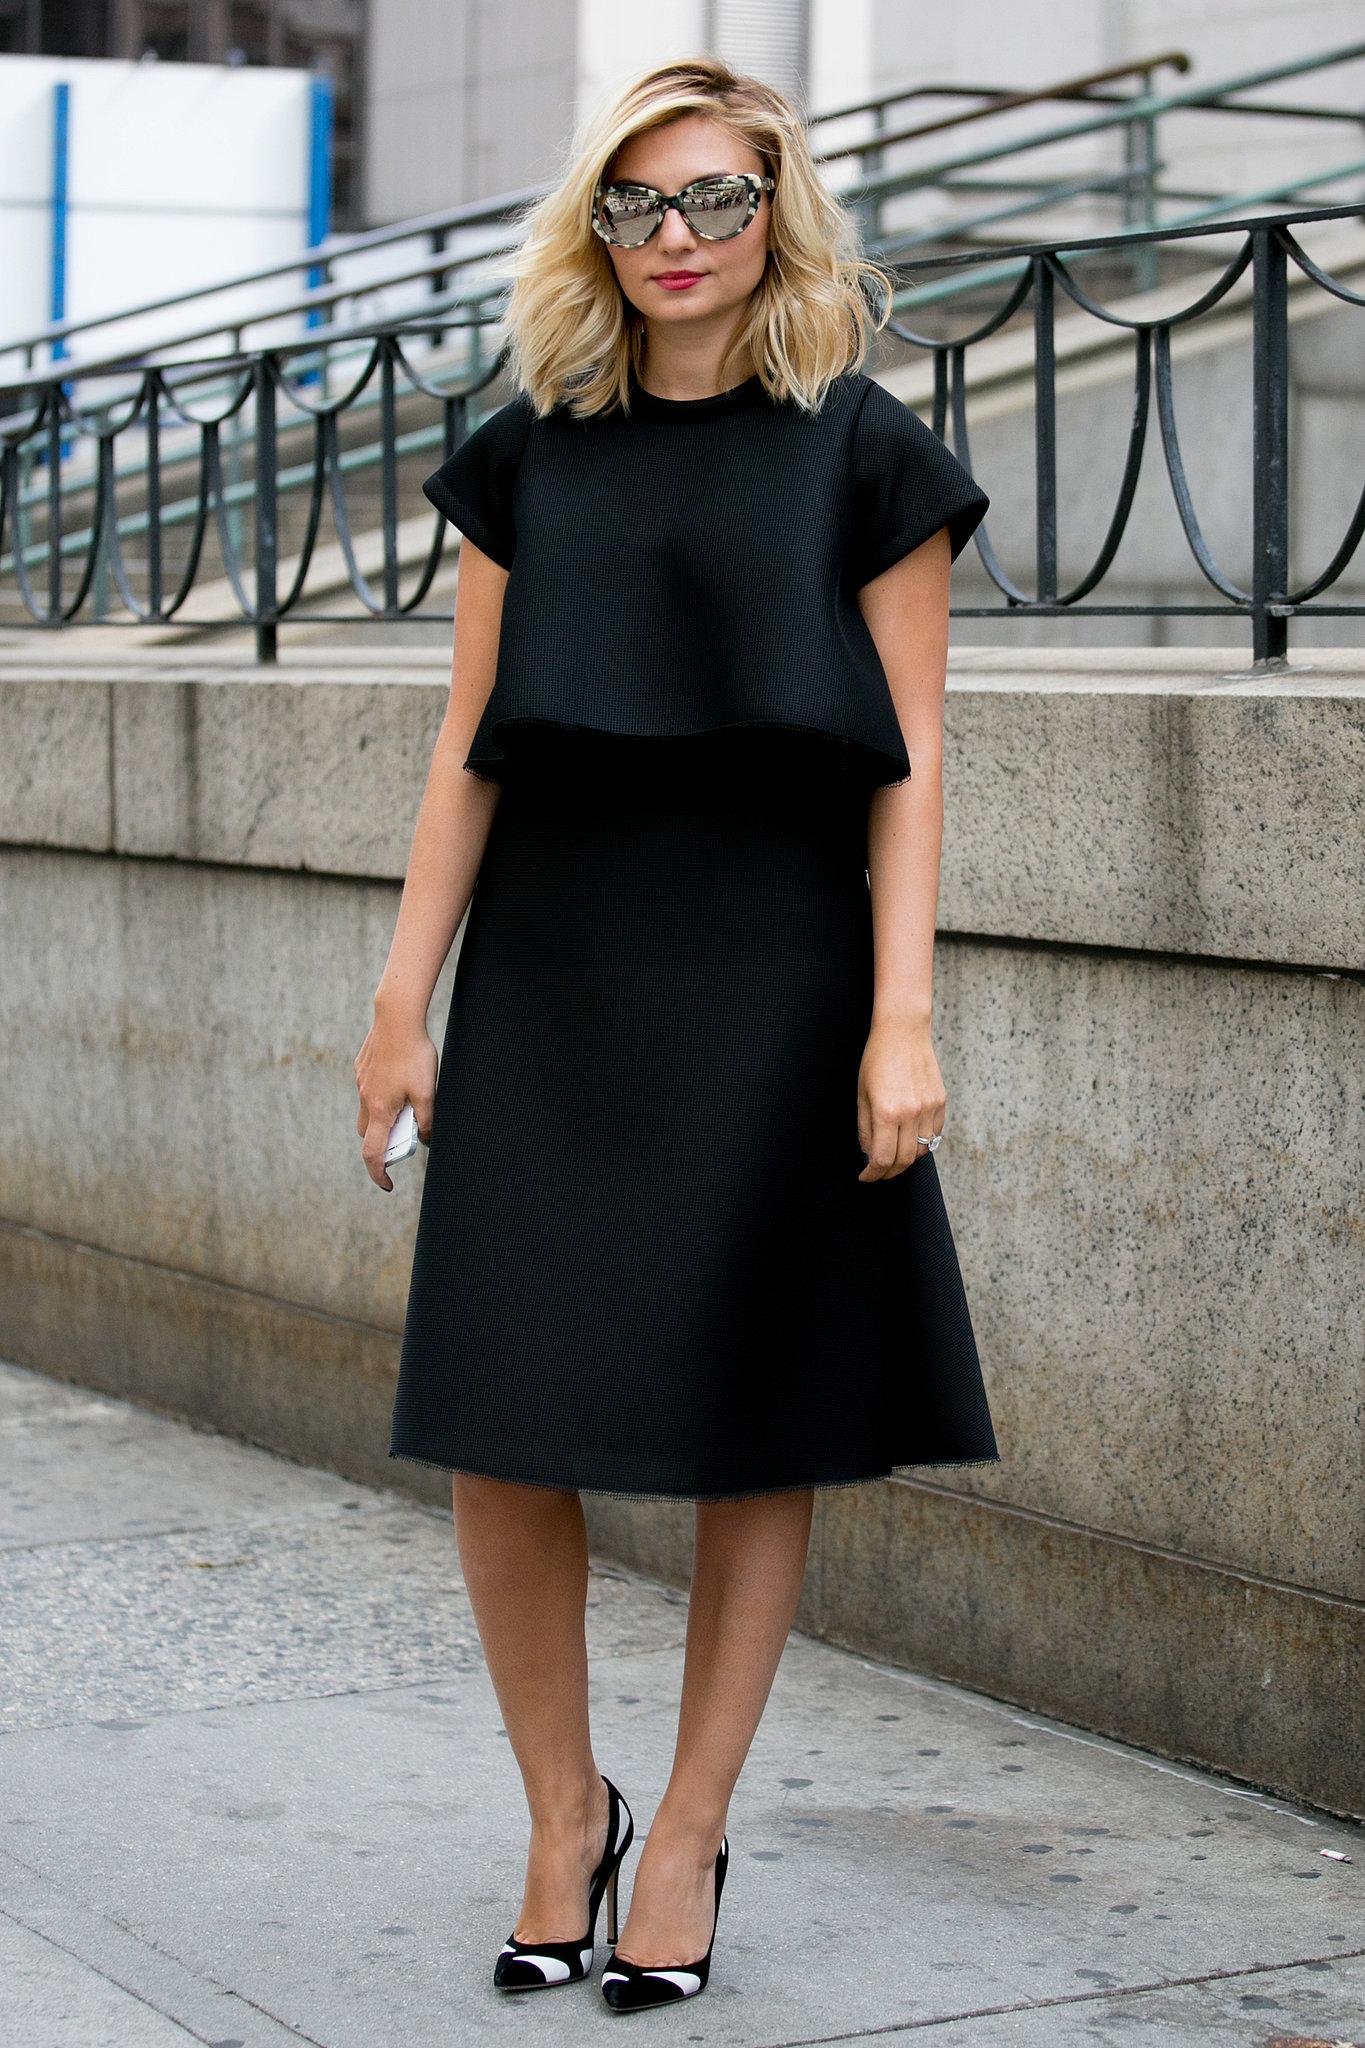 Женщина в черном платье и туфлях на высоком каблуке.